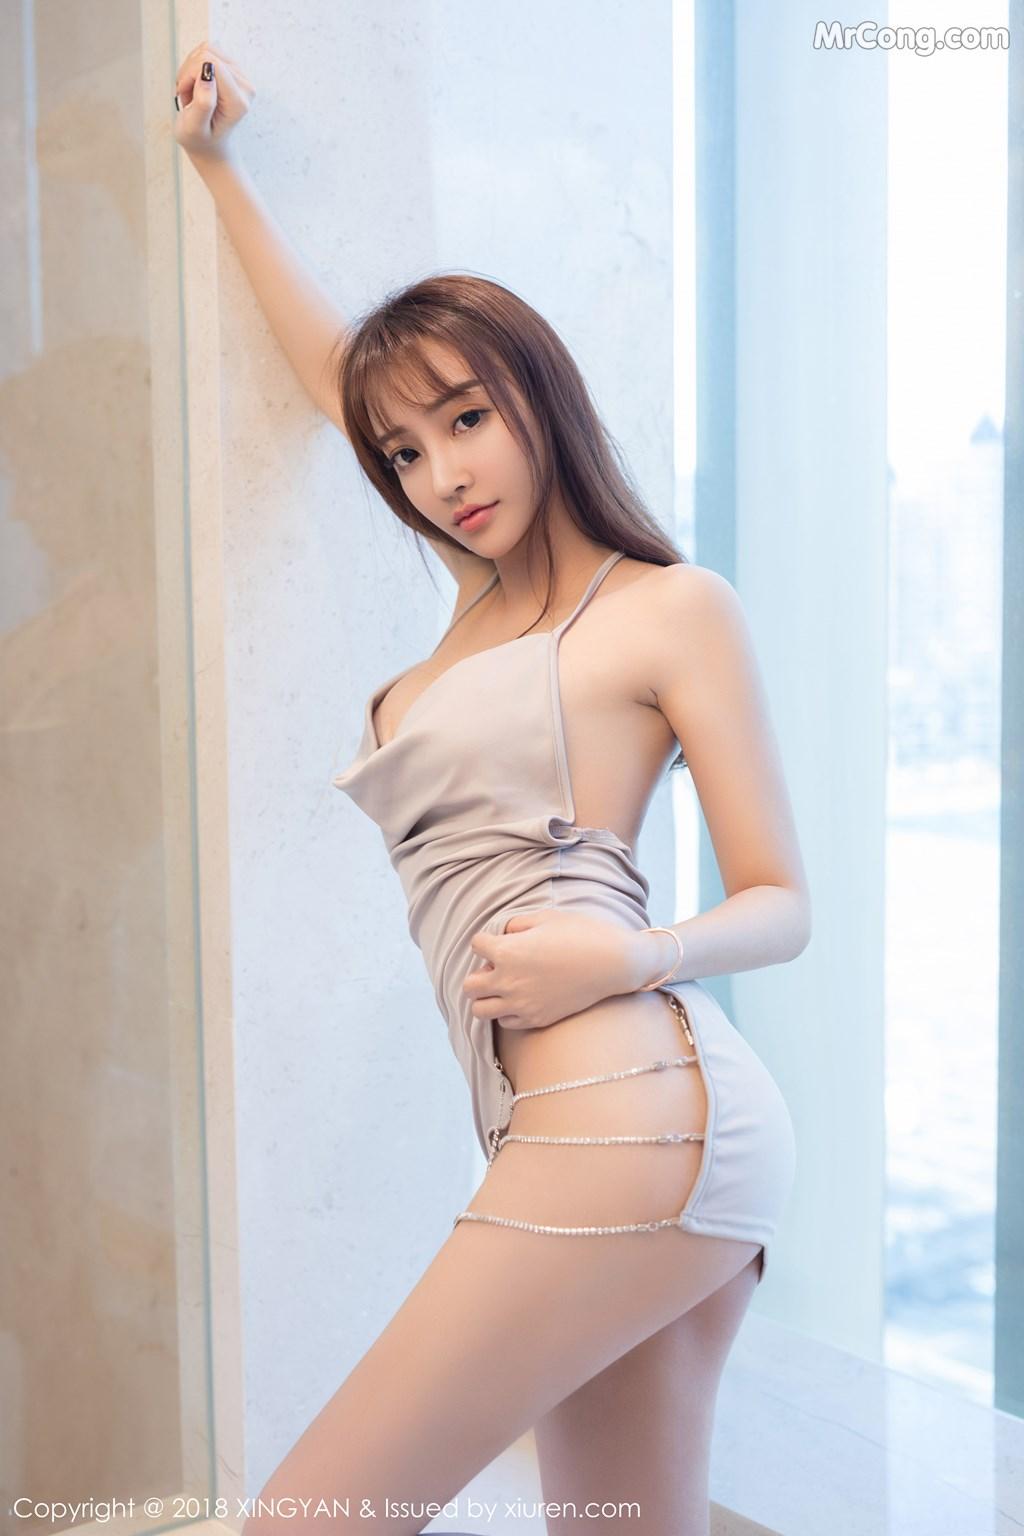 Image XingYan-Vol.090-Angel-MrCong.com-008 in post XingYan Vol.090: Người mẫu 安安Angel (41 ảnh)